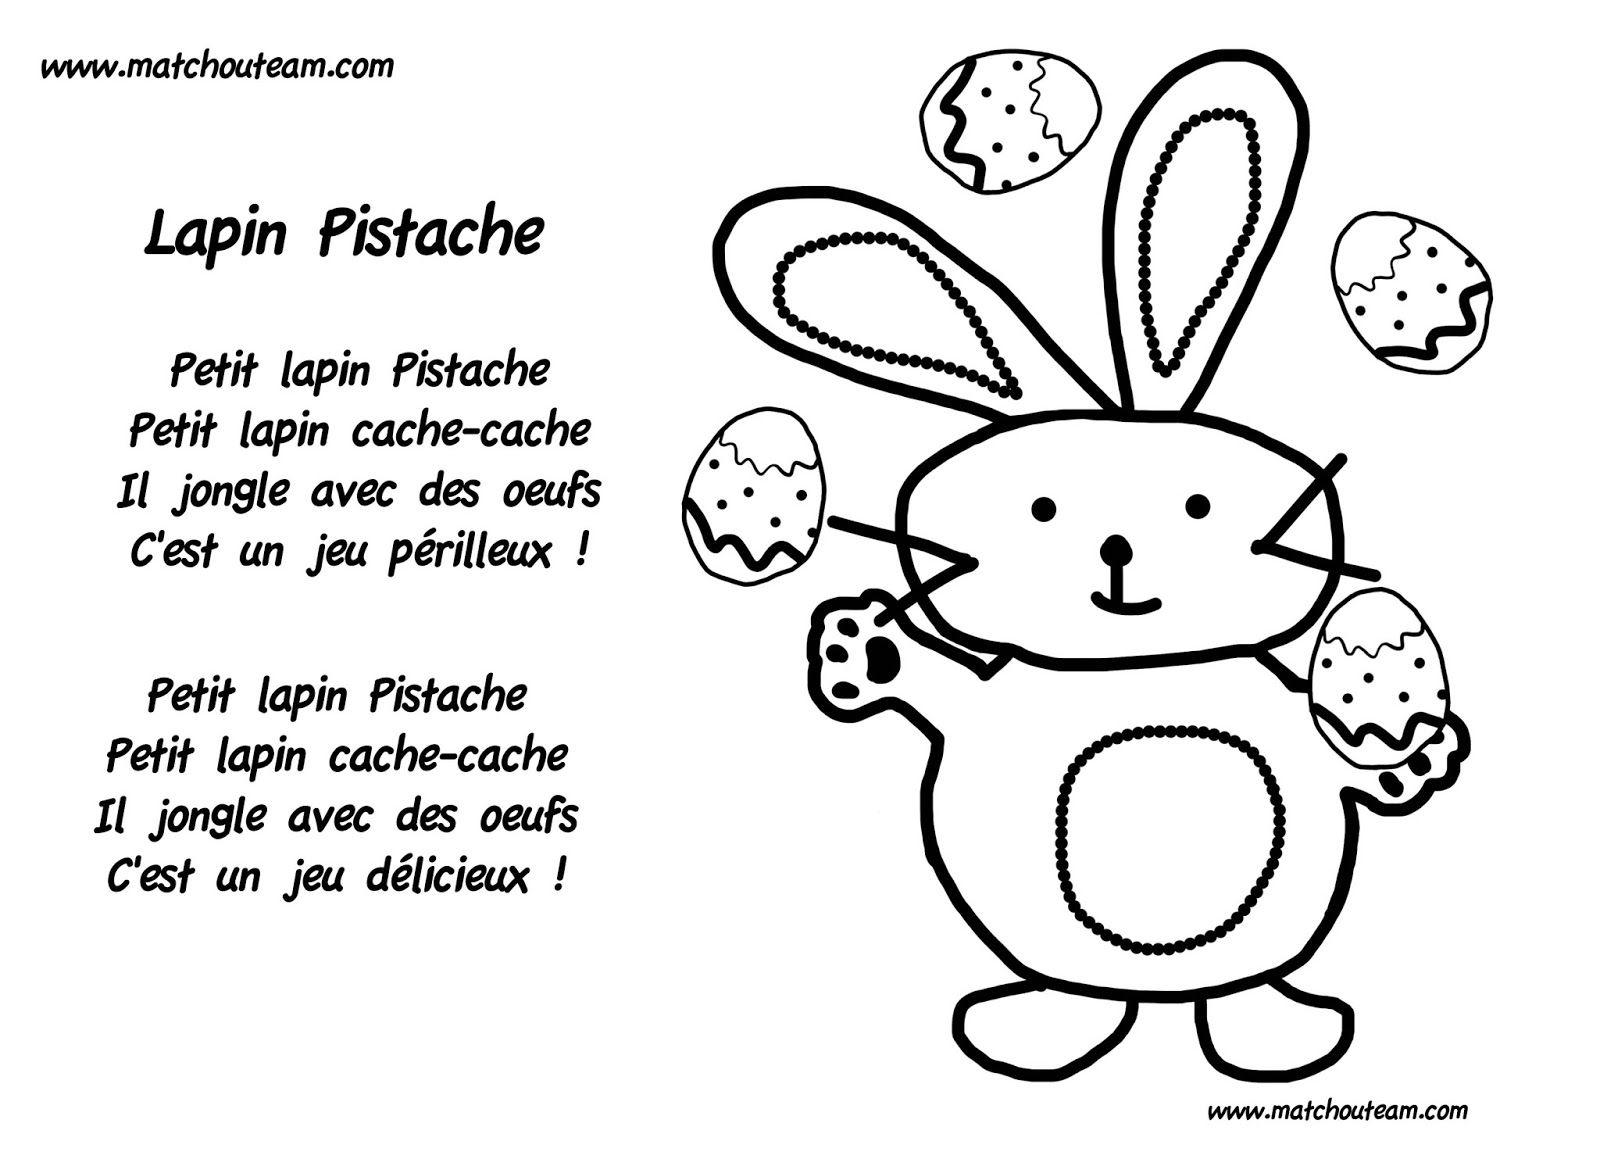 Petit Lapin Pistache, Comptine Pour Pâques   Easter à Chanson Enfant Lapin